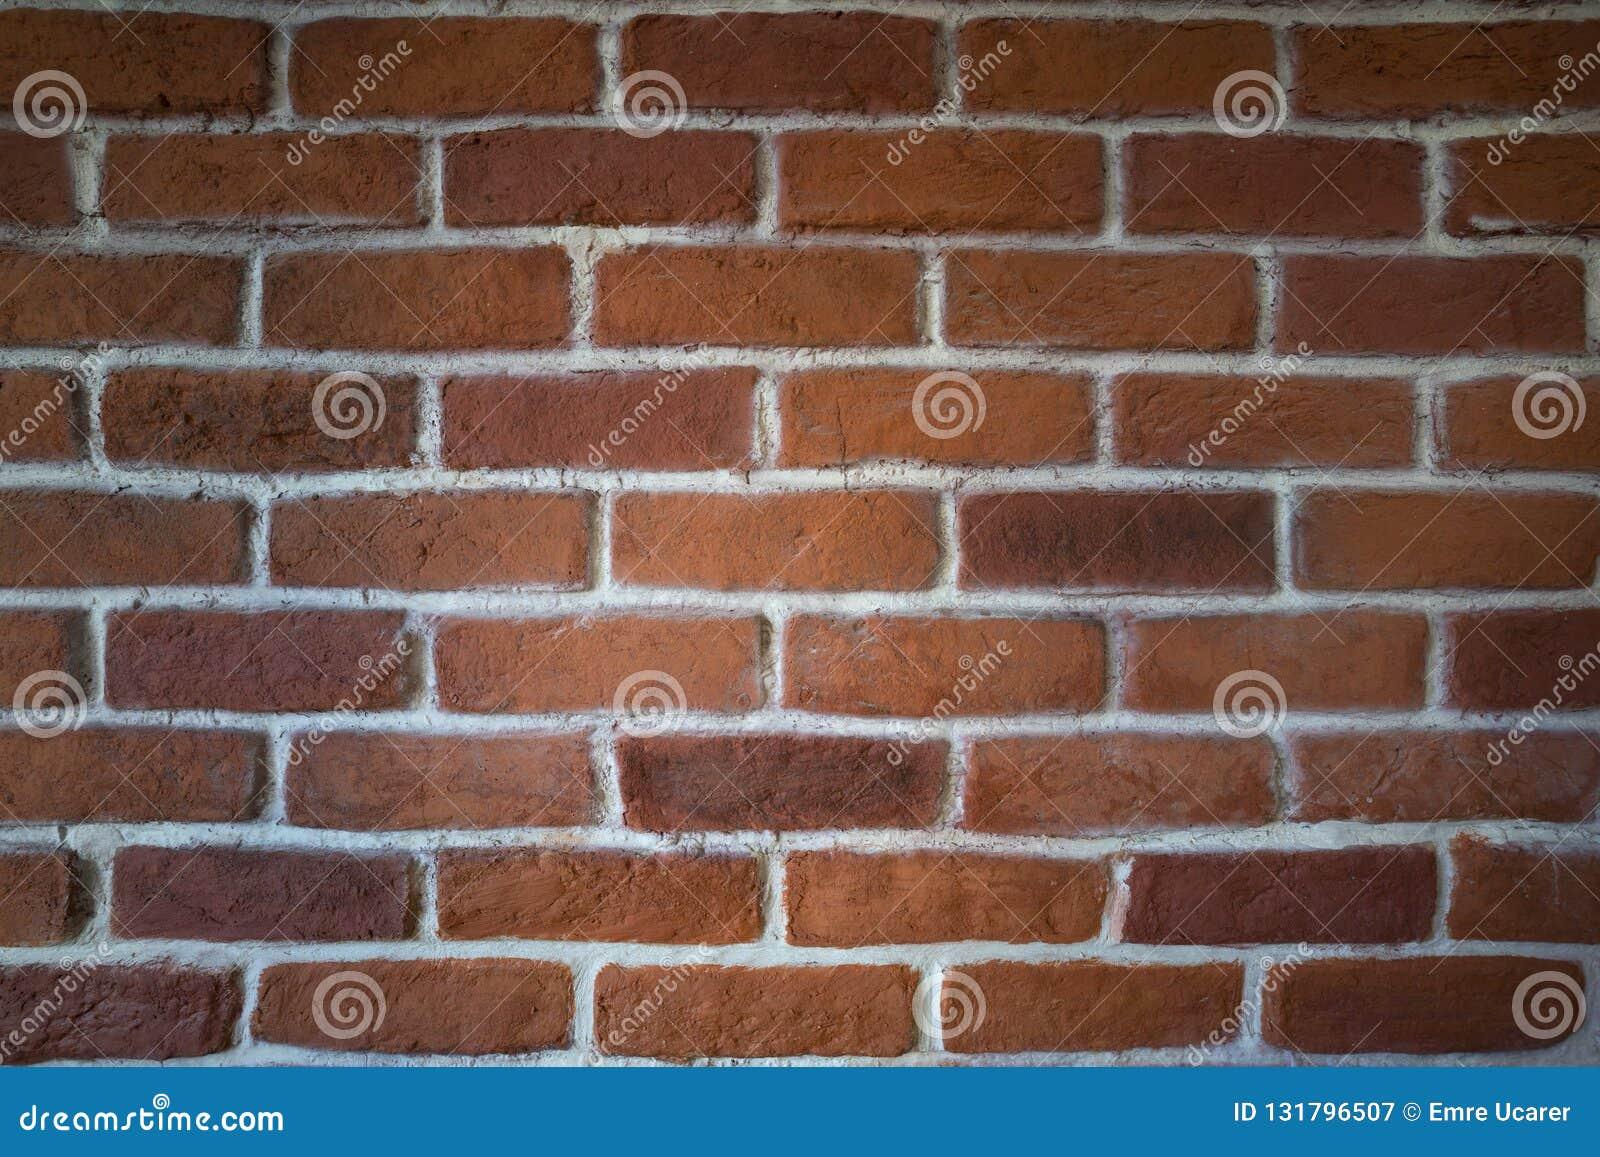 Red clay brick wall